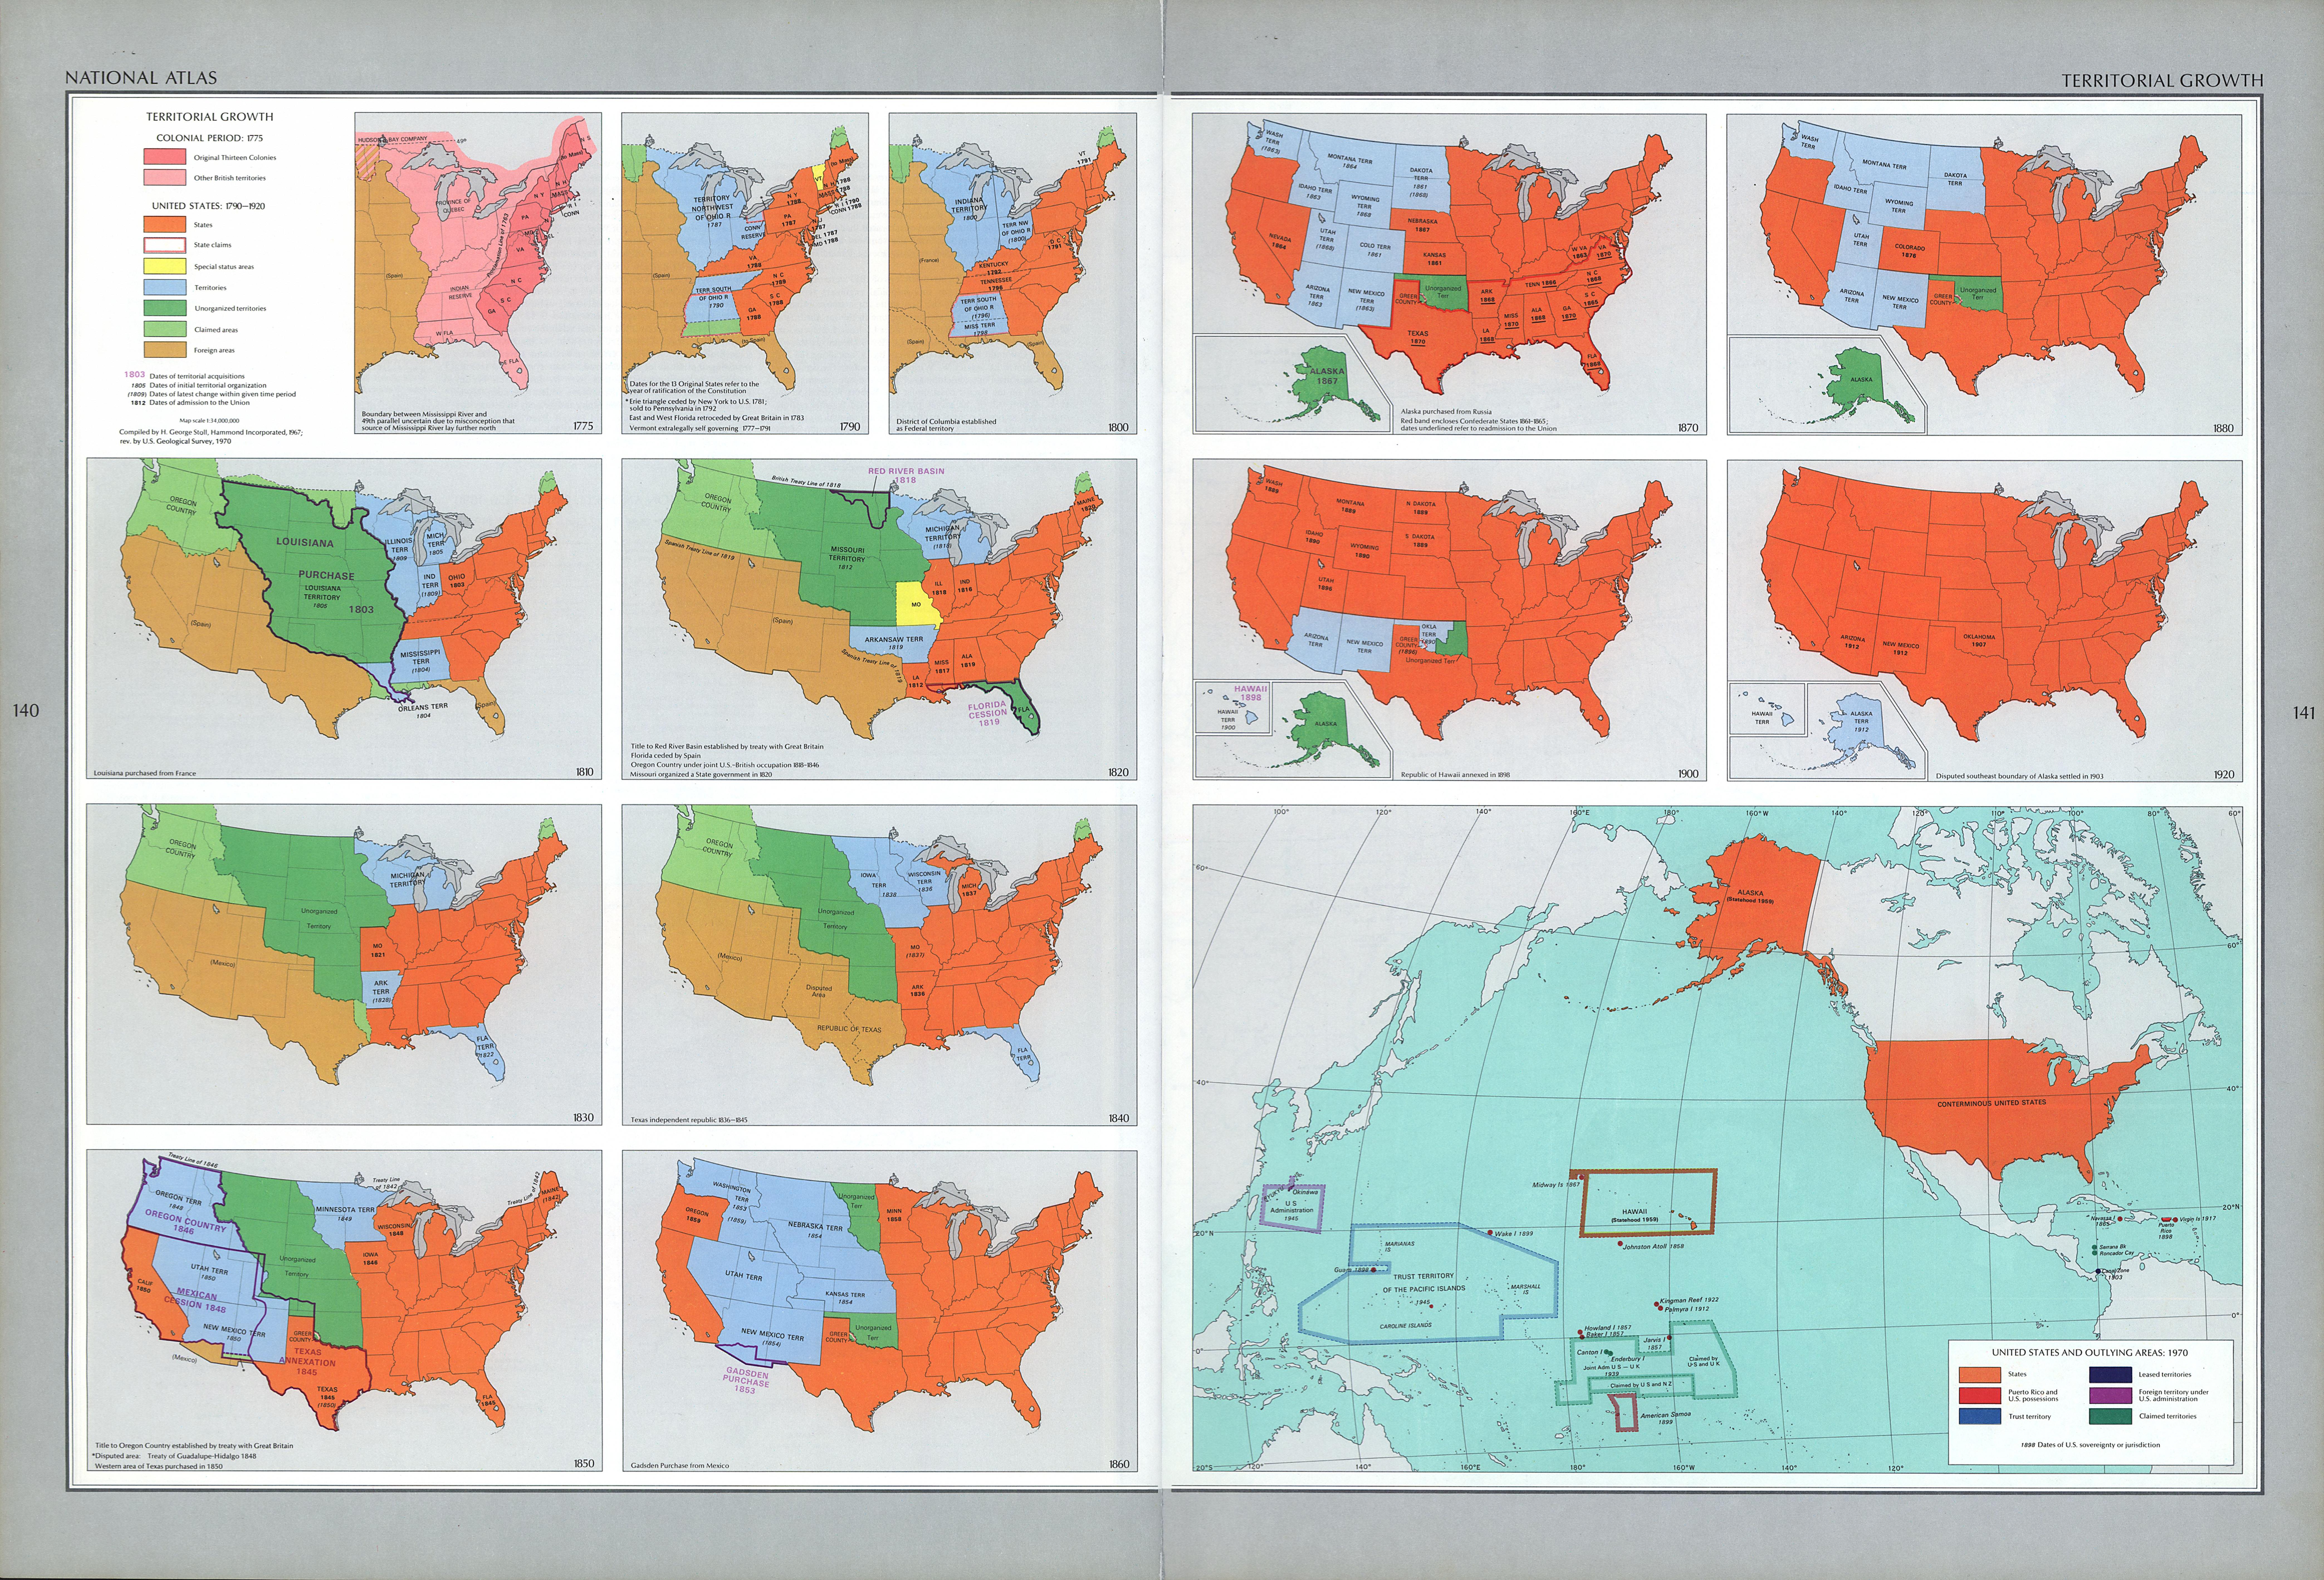 Mapa del Crecimiento Territorial de Estados Unidos